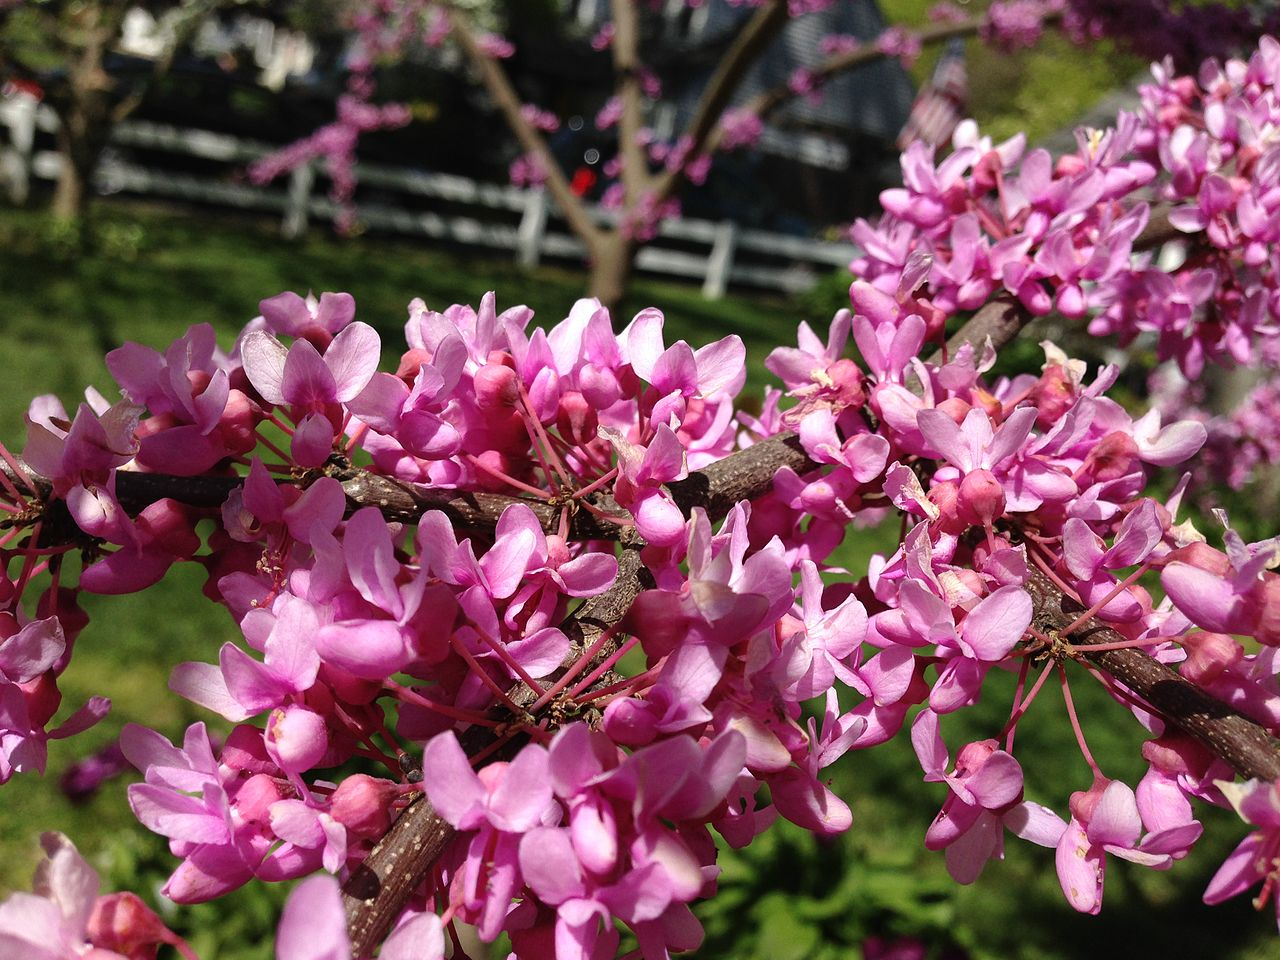 Vista de las flores del Cercis canadensis